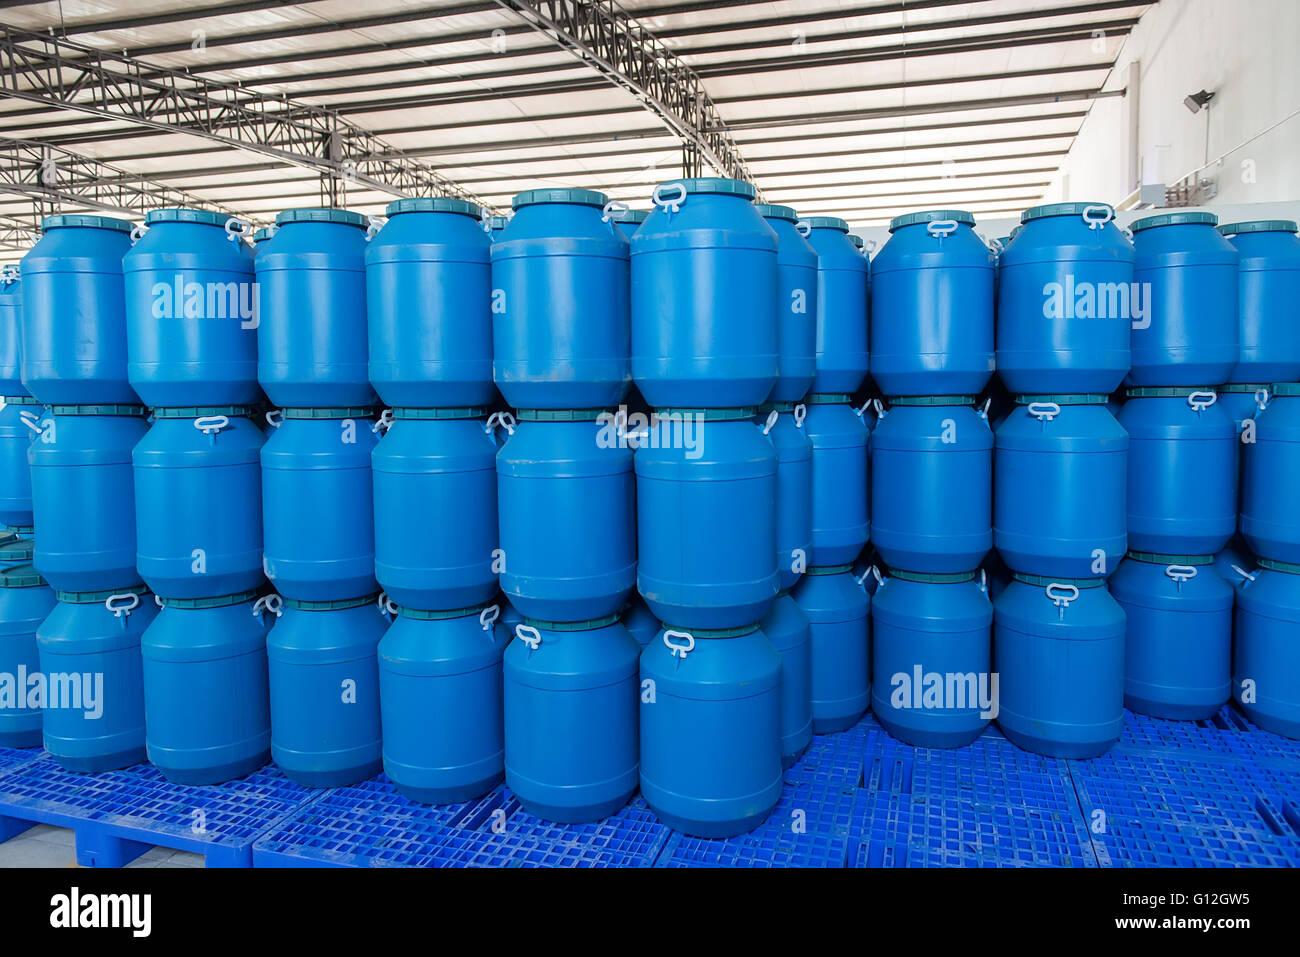 blue plastic barrels contain